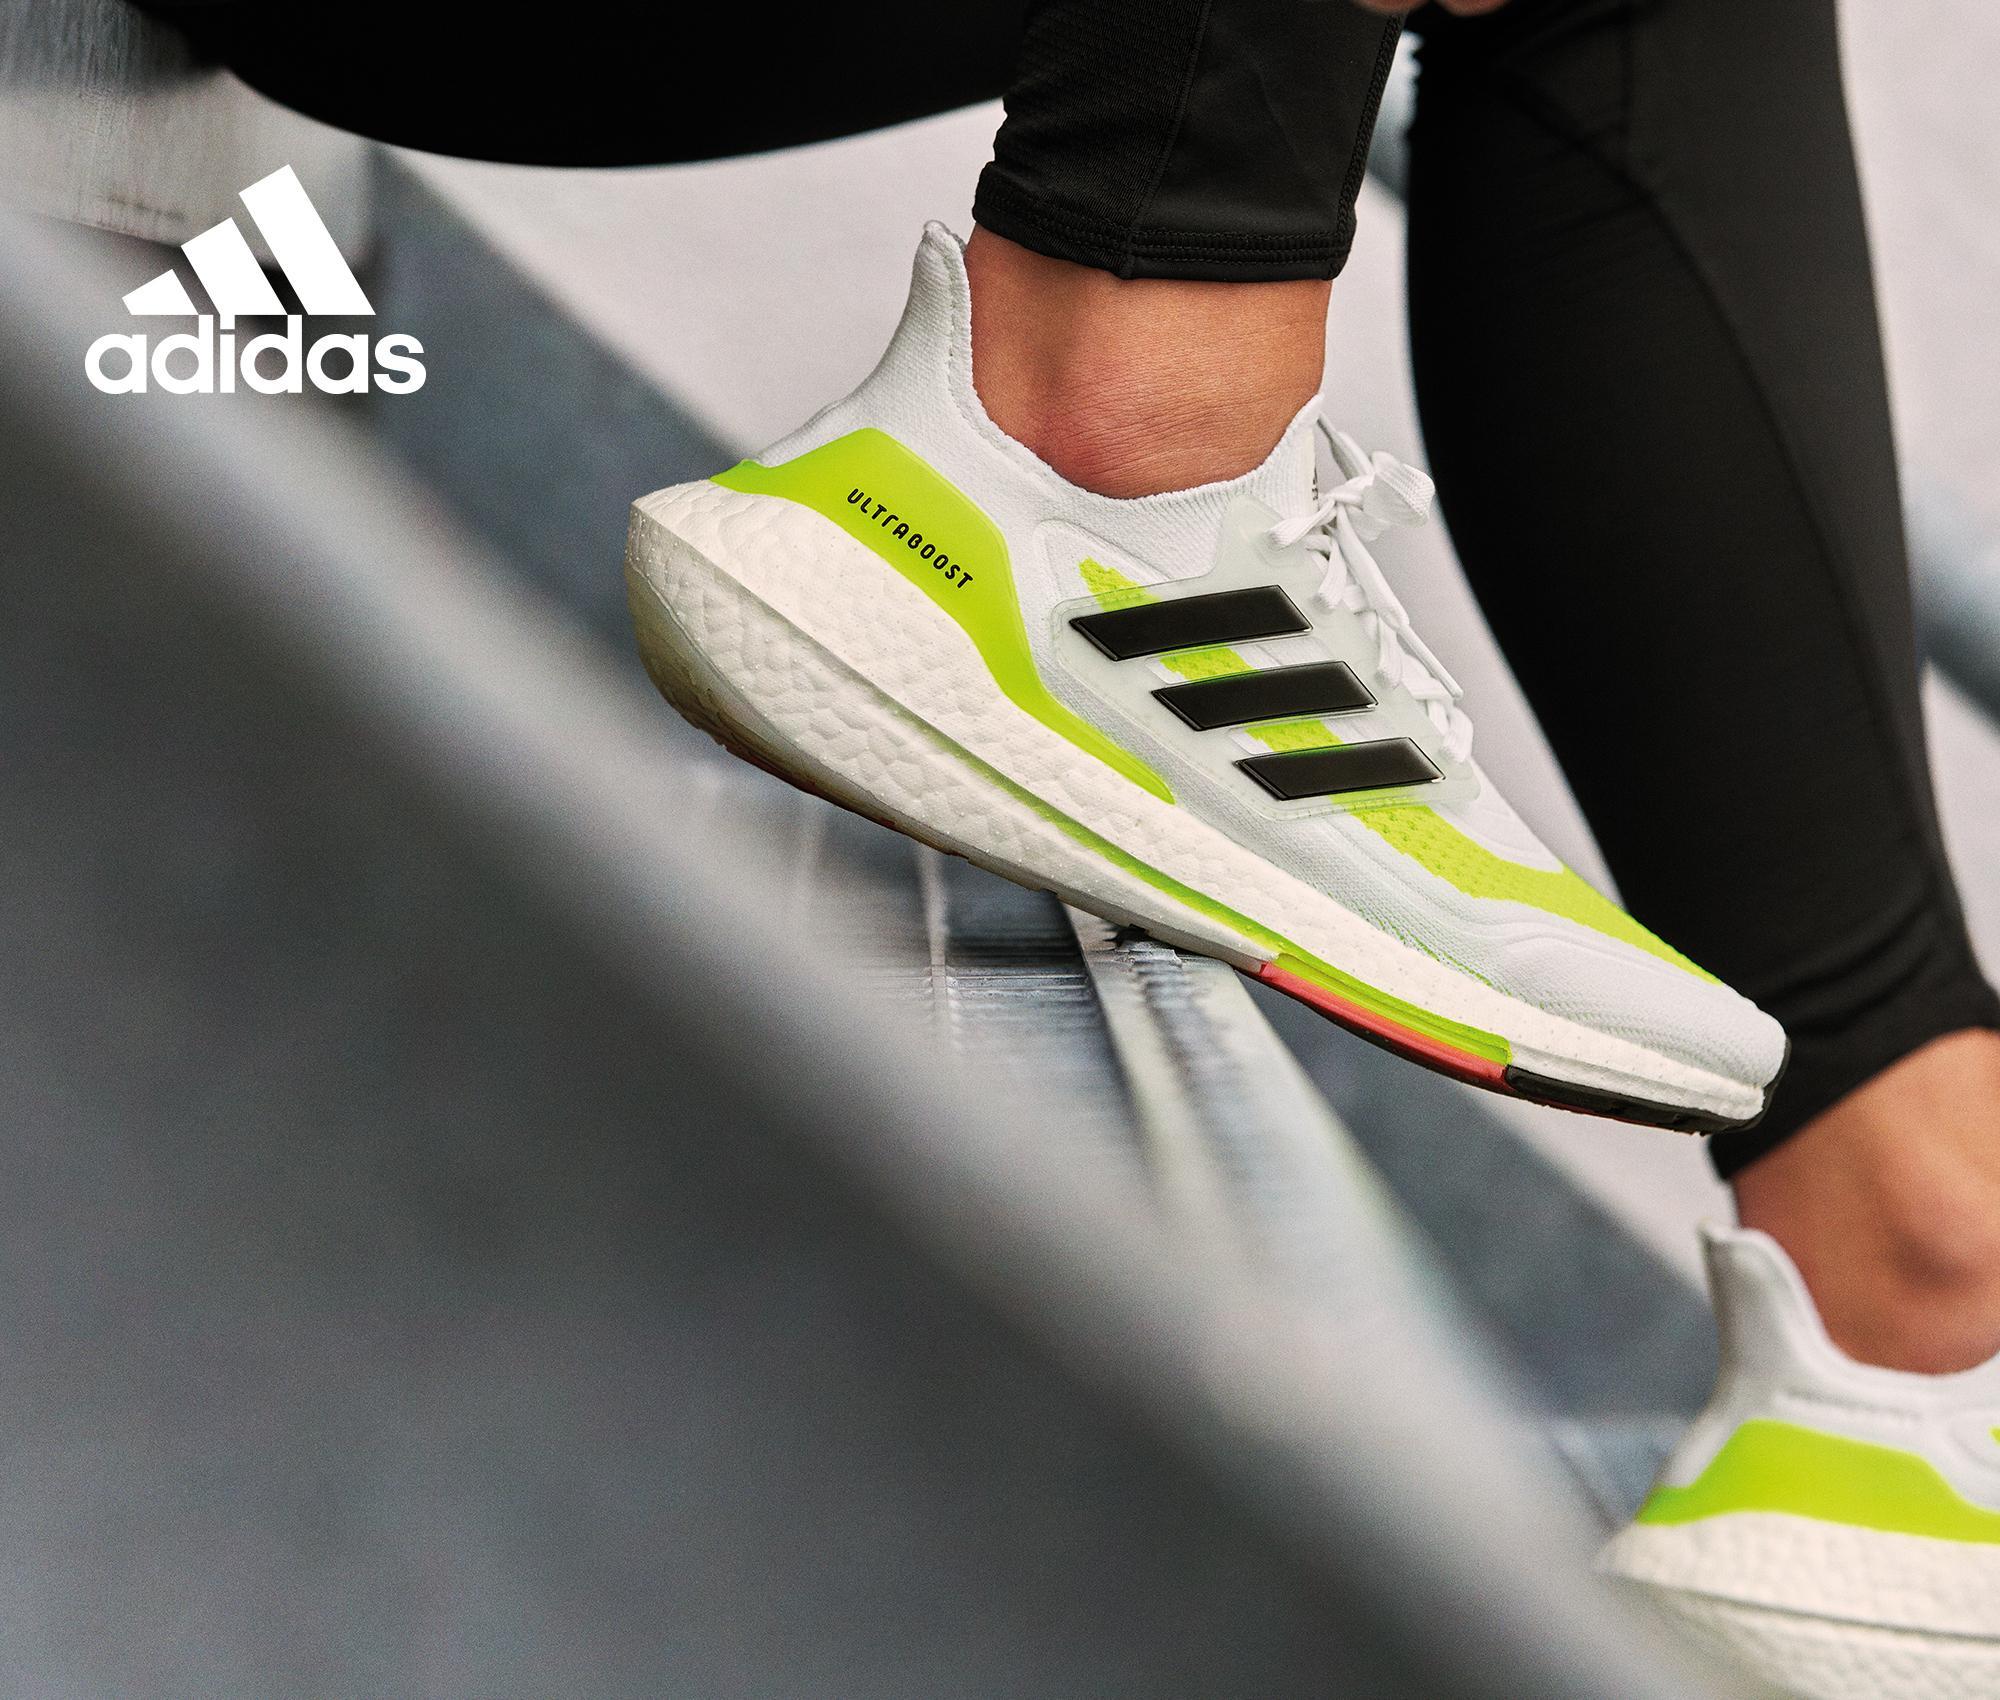 Youecci Damen Fitness Laufschuhe Atmungsaktive laufende Turnschuhe Sportschuhe Schn/üren Hallenschuhe Leichtathletikschuhe Running Sneaker Gym Schuhe